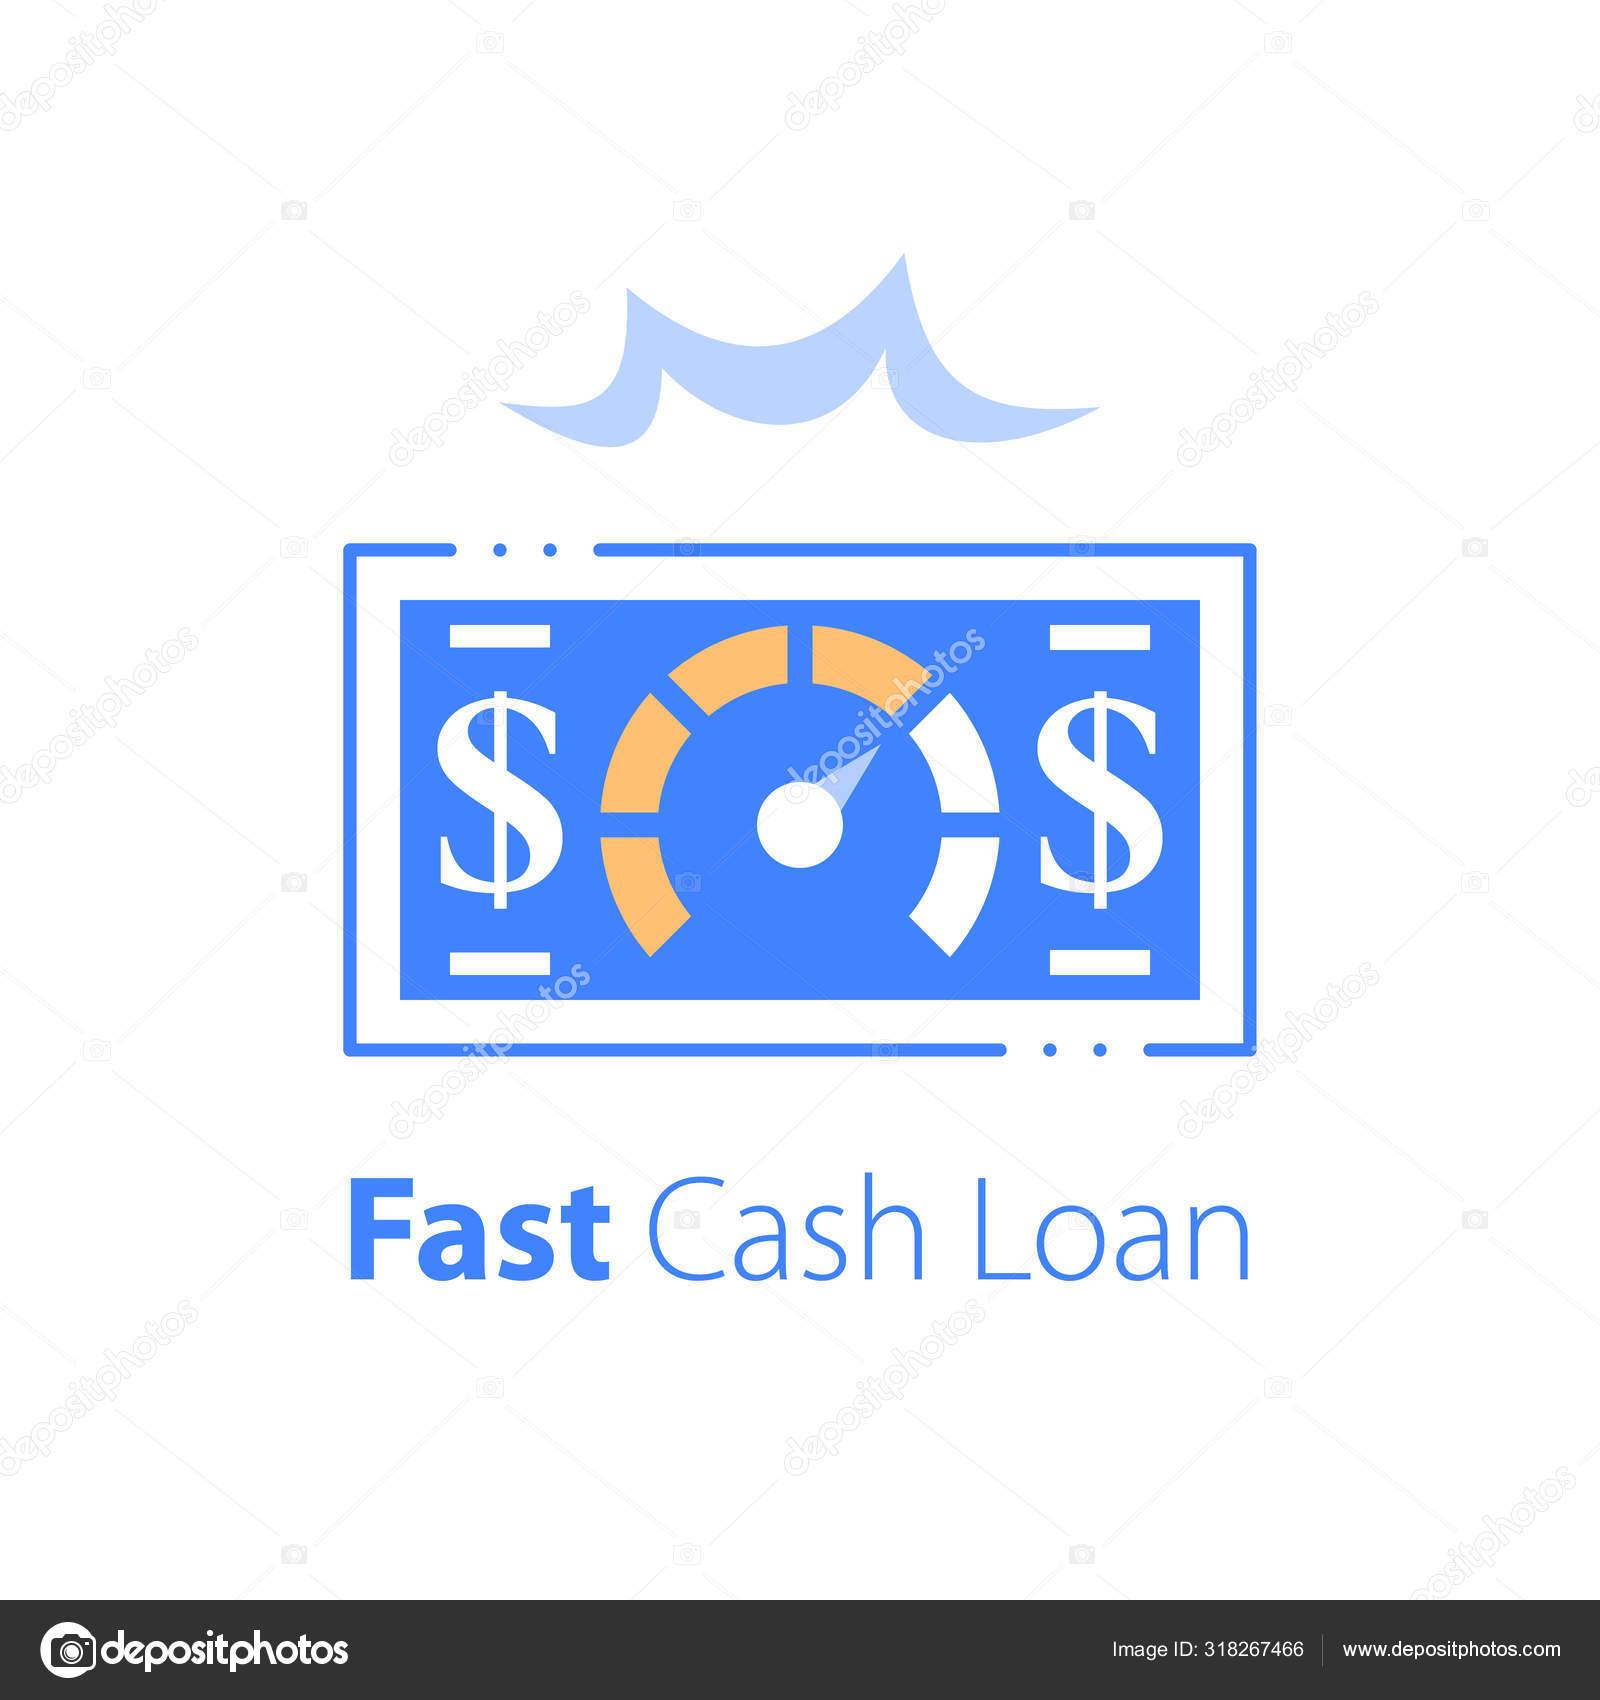 кредит с быстрым решением сколько времени занимает перепрописаться